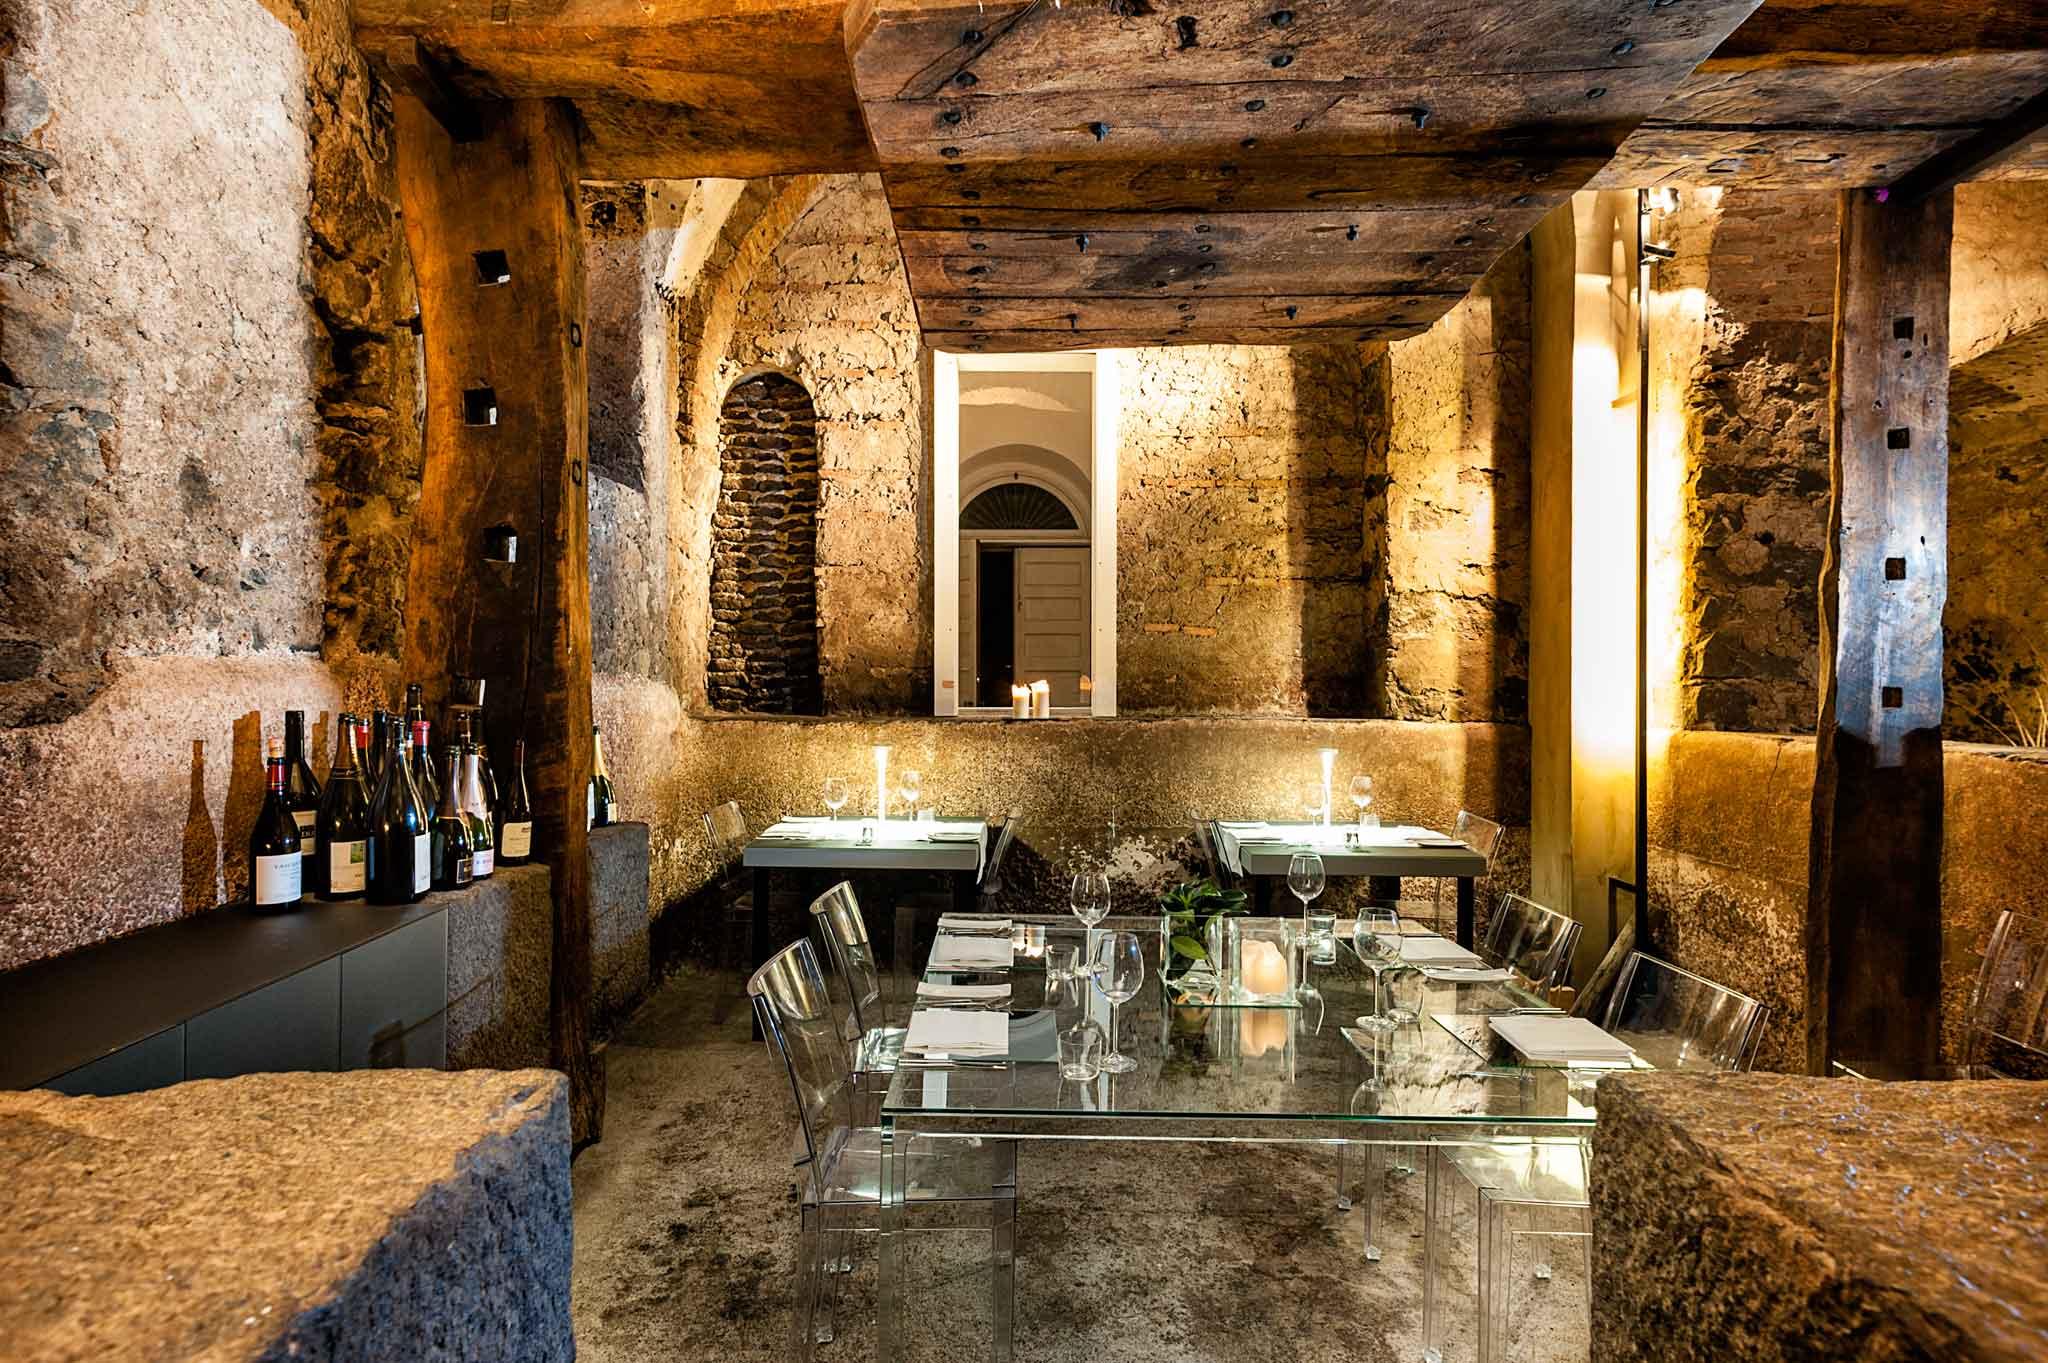 Il ristorante stellato Zash, un luogo da visitare per incontrare la tradizione e l'innovazione della cucina nella zona dell'Etna